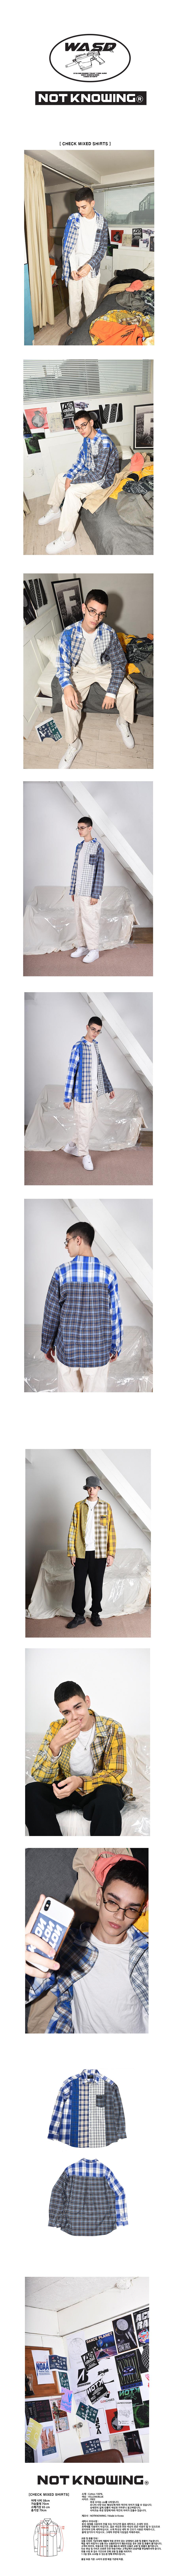 낫노잉(NOTKNOWING) 노잉 체크 믹스 셔츠 (블루)